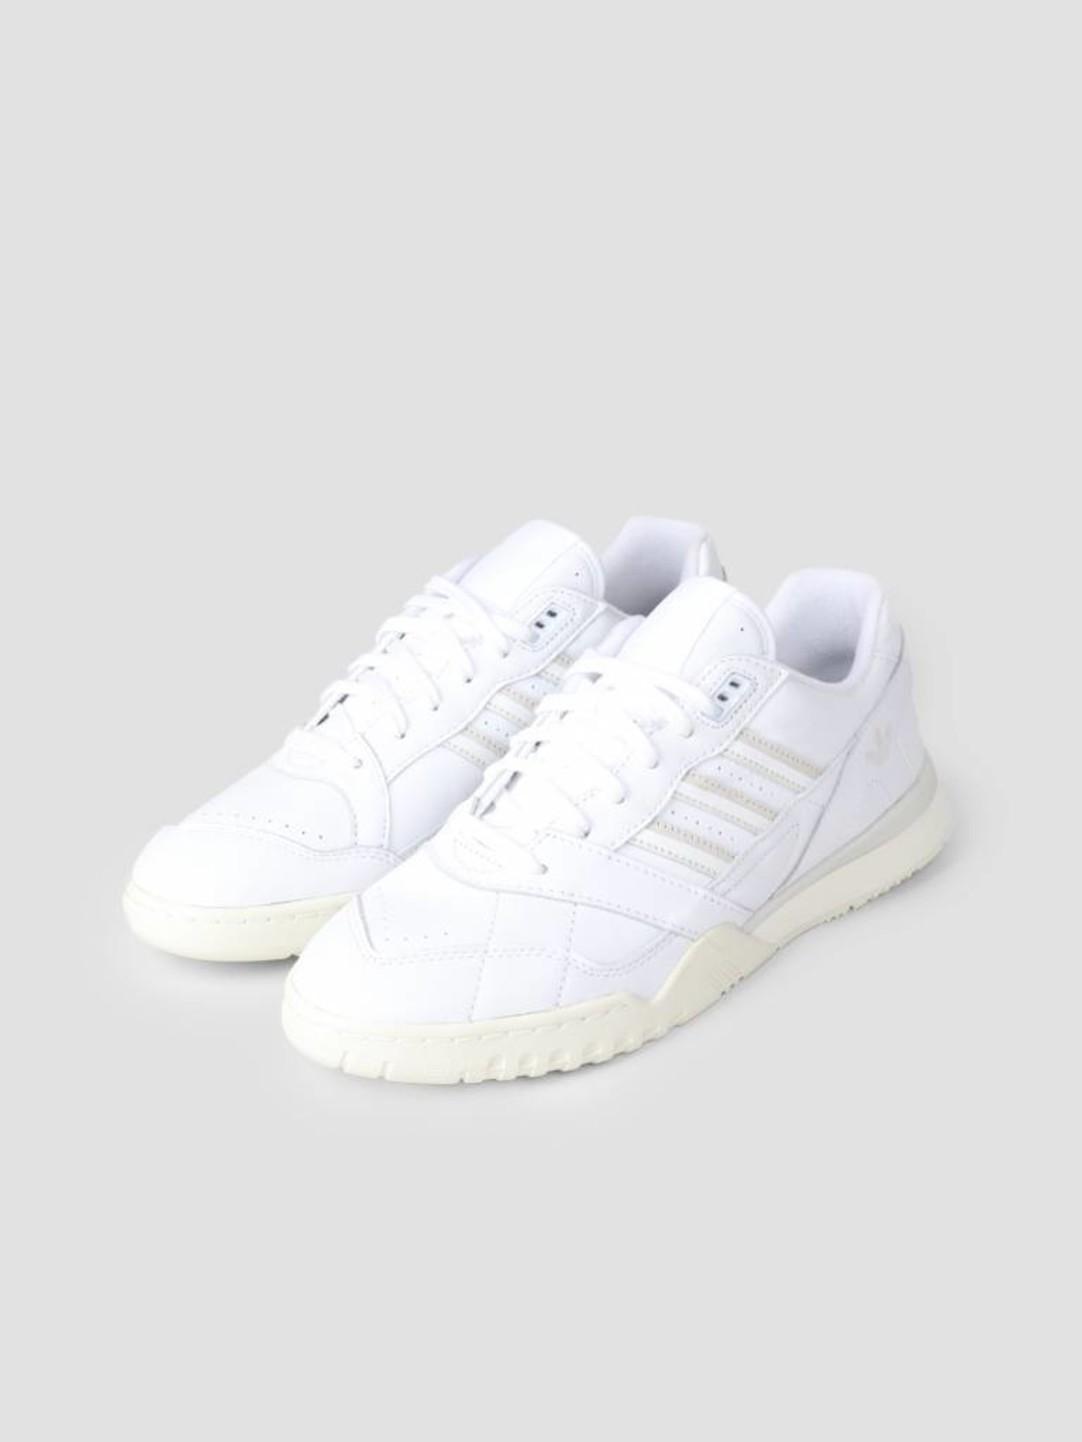 adidas adidas A.R. Trainer Ftwwht Rawwht Owhite CG6465